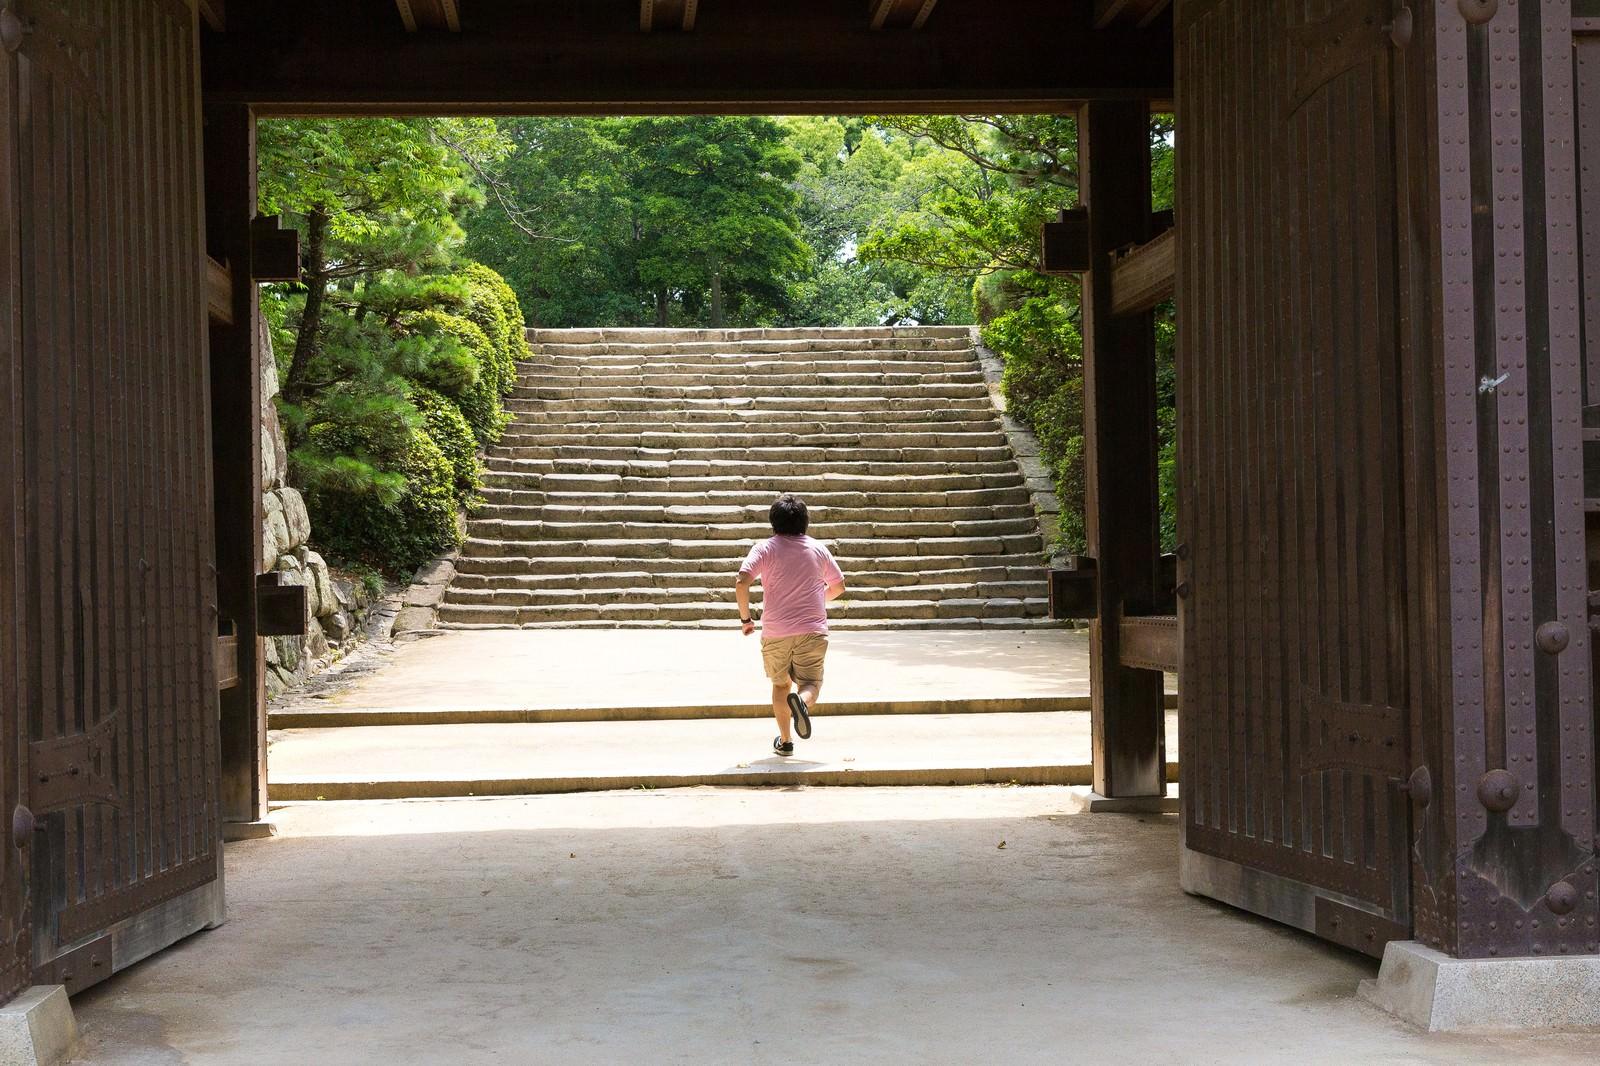 「城門(岡山城)を撮影中、走りだすAD   写真の無料素材・フリー素材 - ぱくたそ」の写真[モデル:朽木誠一郎]